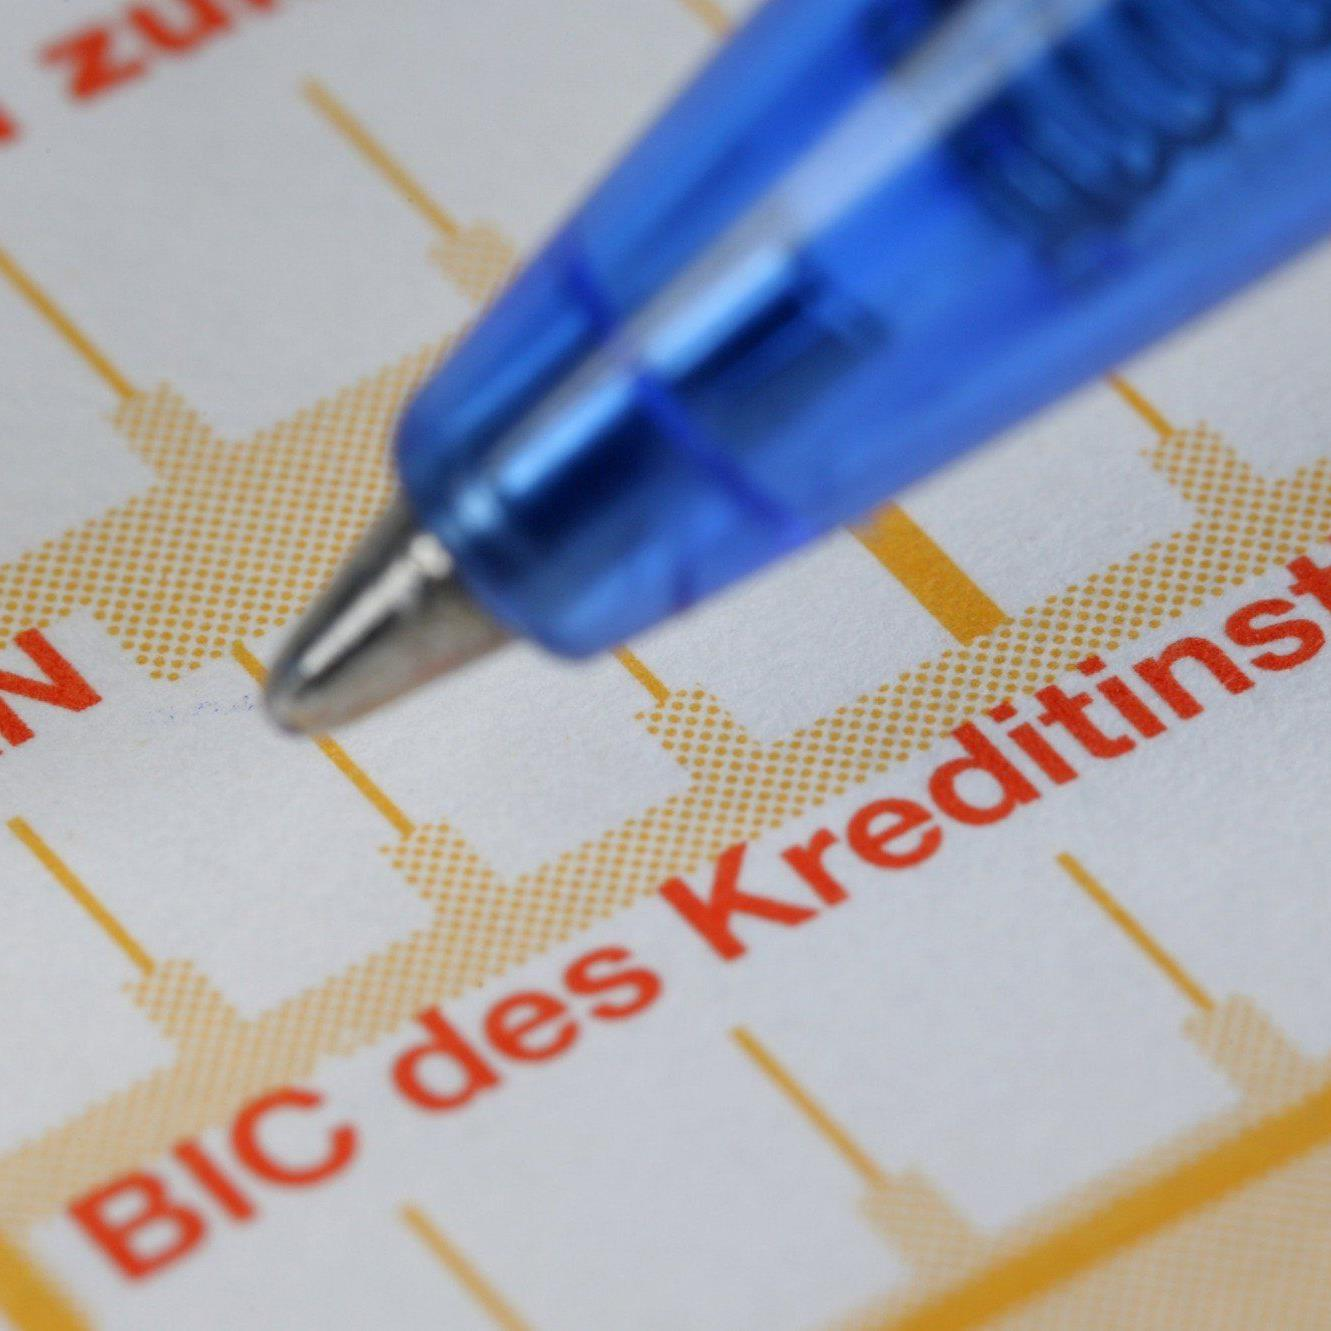 Ab dem 1. Februar 2014 geht es im Zahlungsverkehr nicht mehr ohne IBAN und BIC.